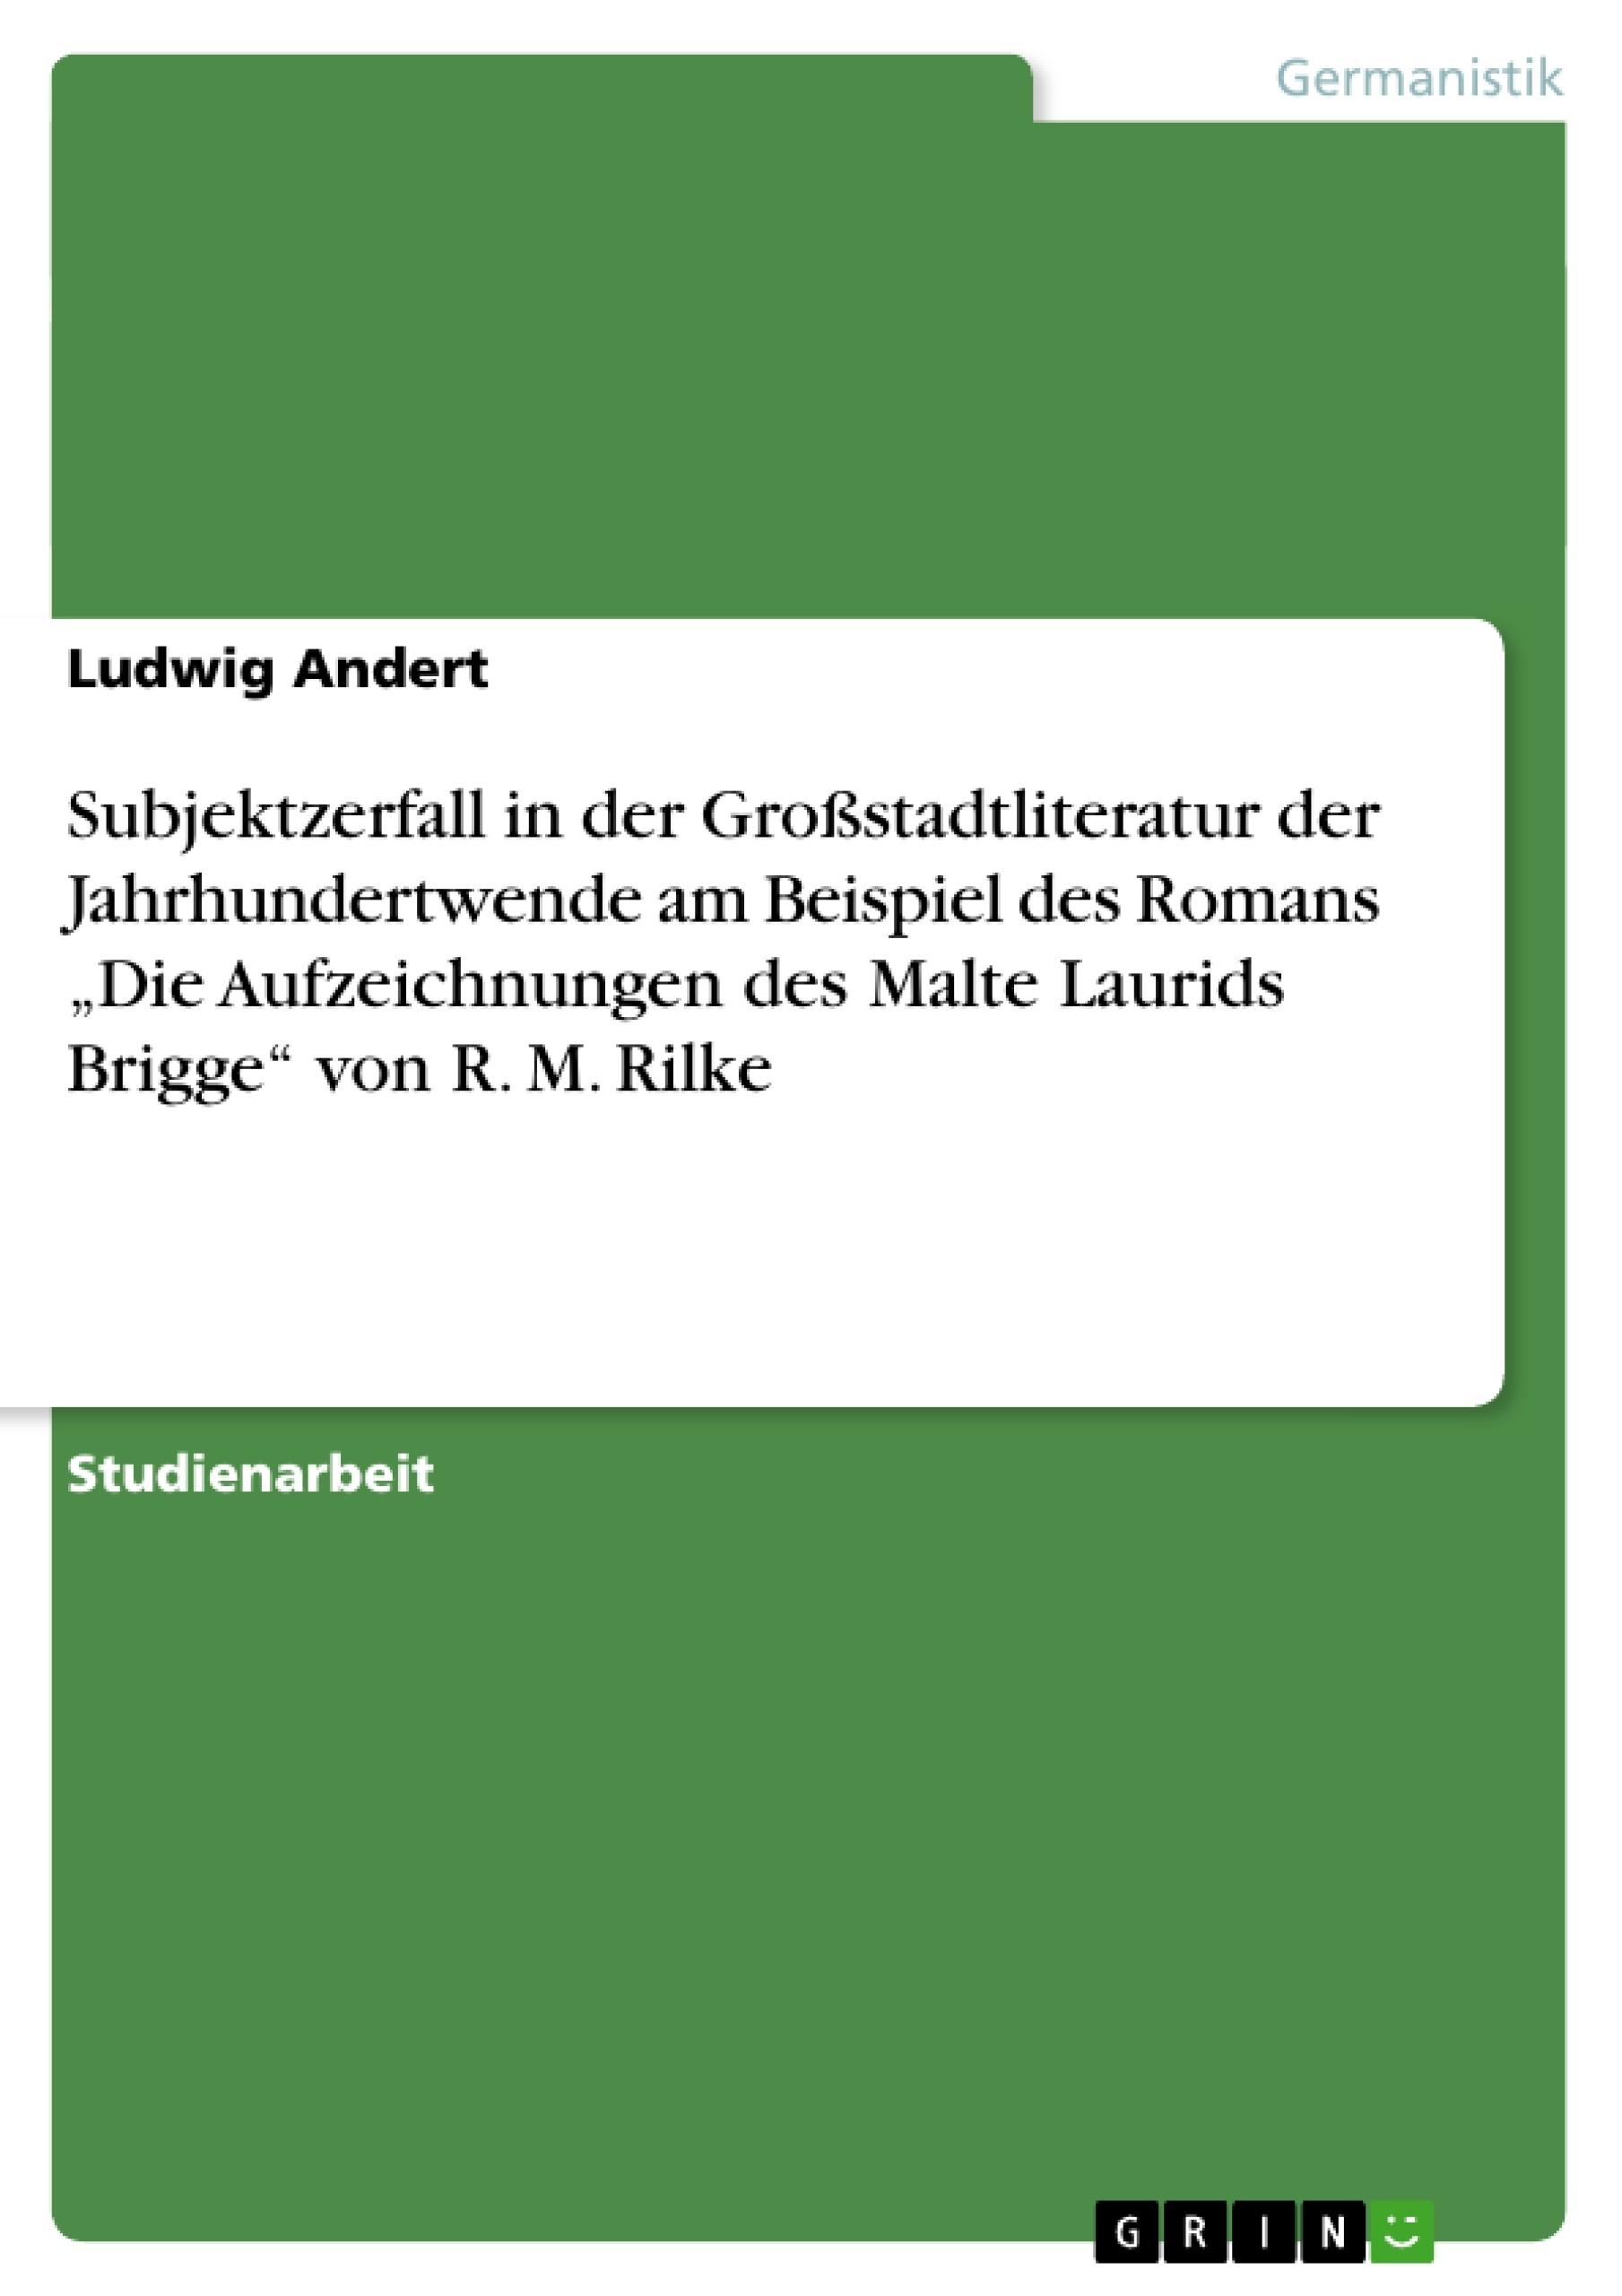 """Titel: Subjektzerfall in der Großstadtliteratur der Jahrhundertwende am Beispiel des Romans """"Die Aufzeichnungen des Malte Laurids Brigge"""" von R. M. Rilke"""